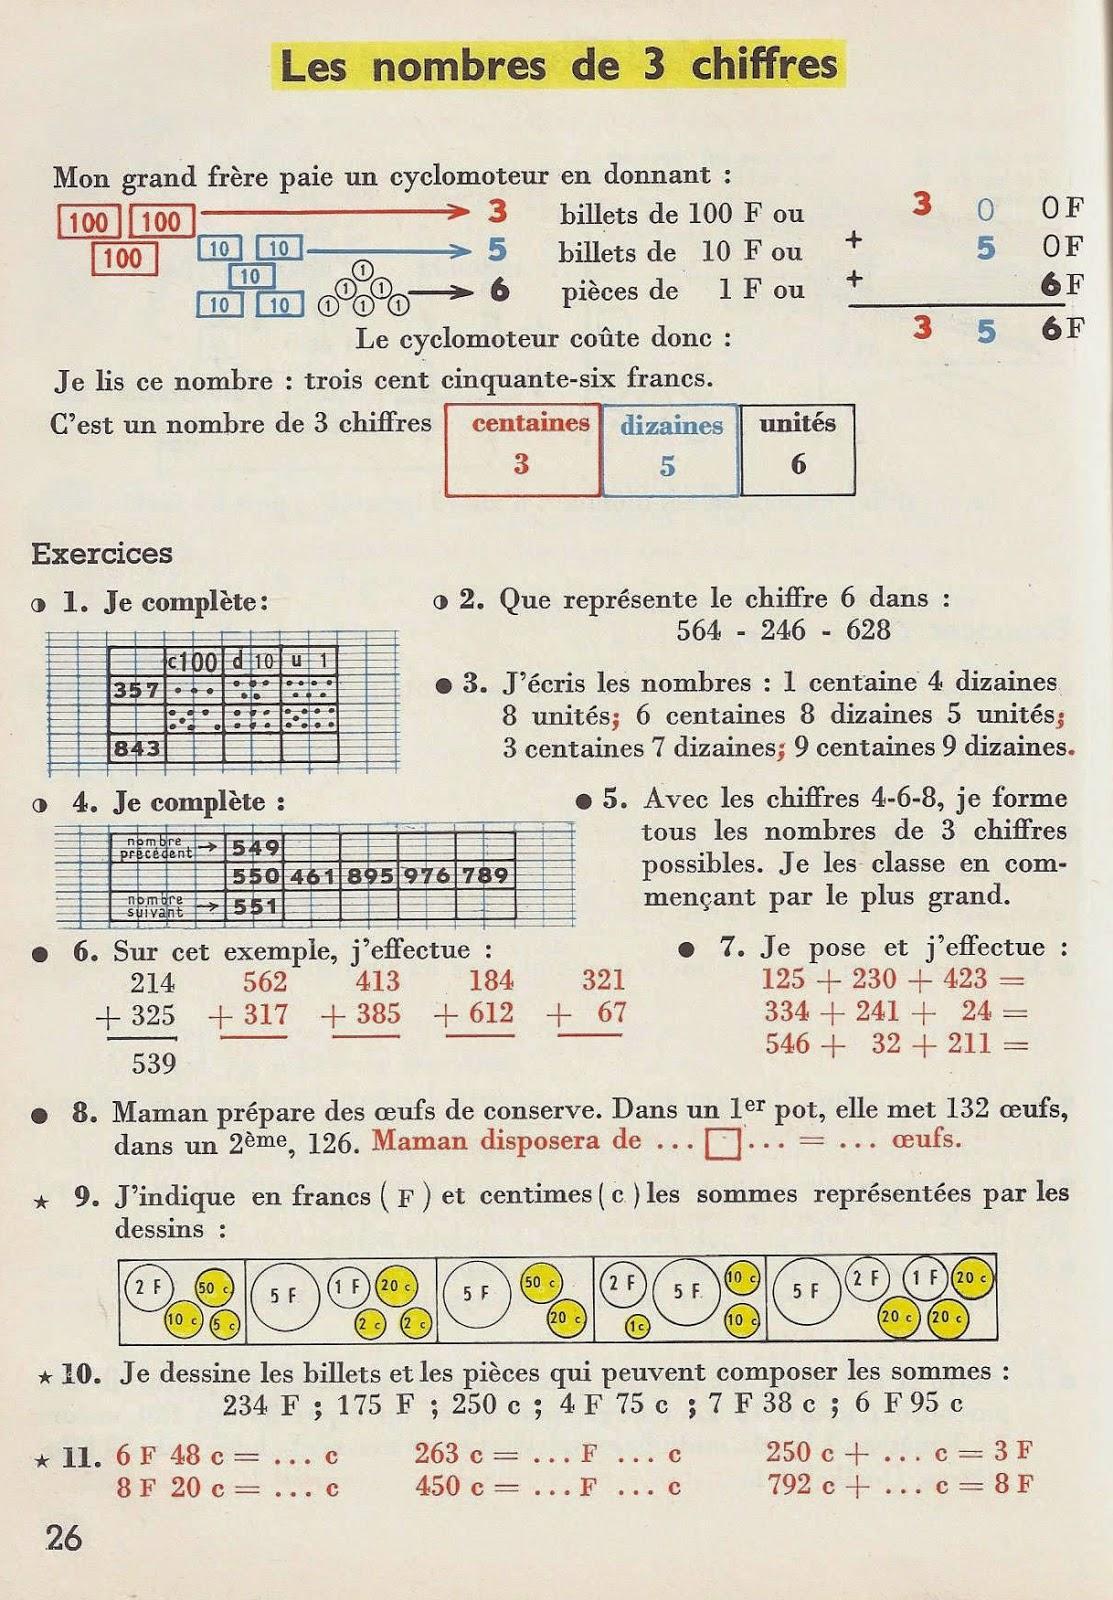 Manuels anciens calcul ce mois de novembre - Calcul nombre de parpaing ...